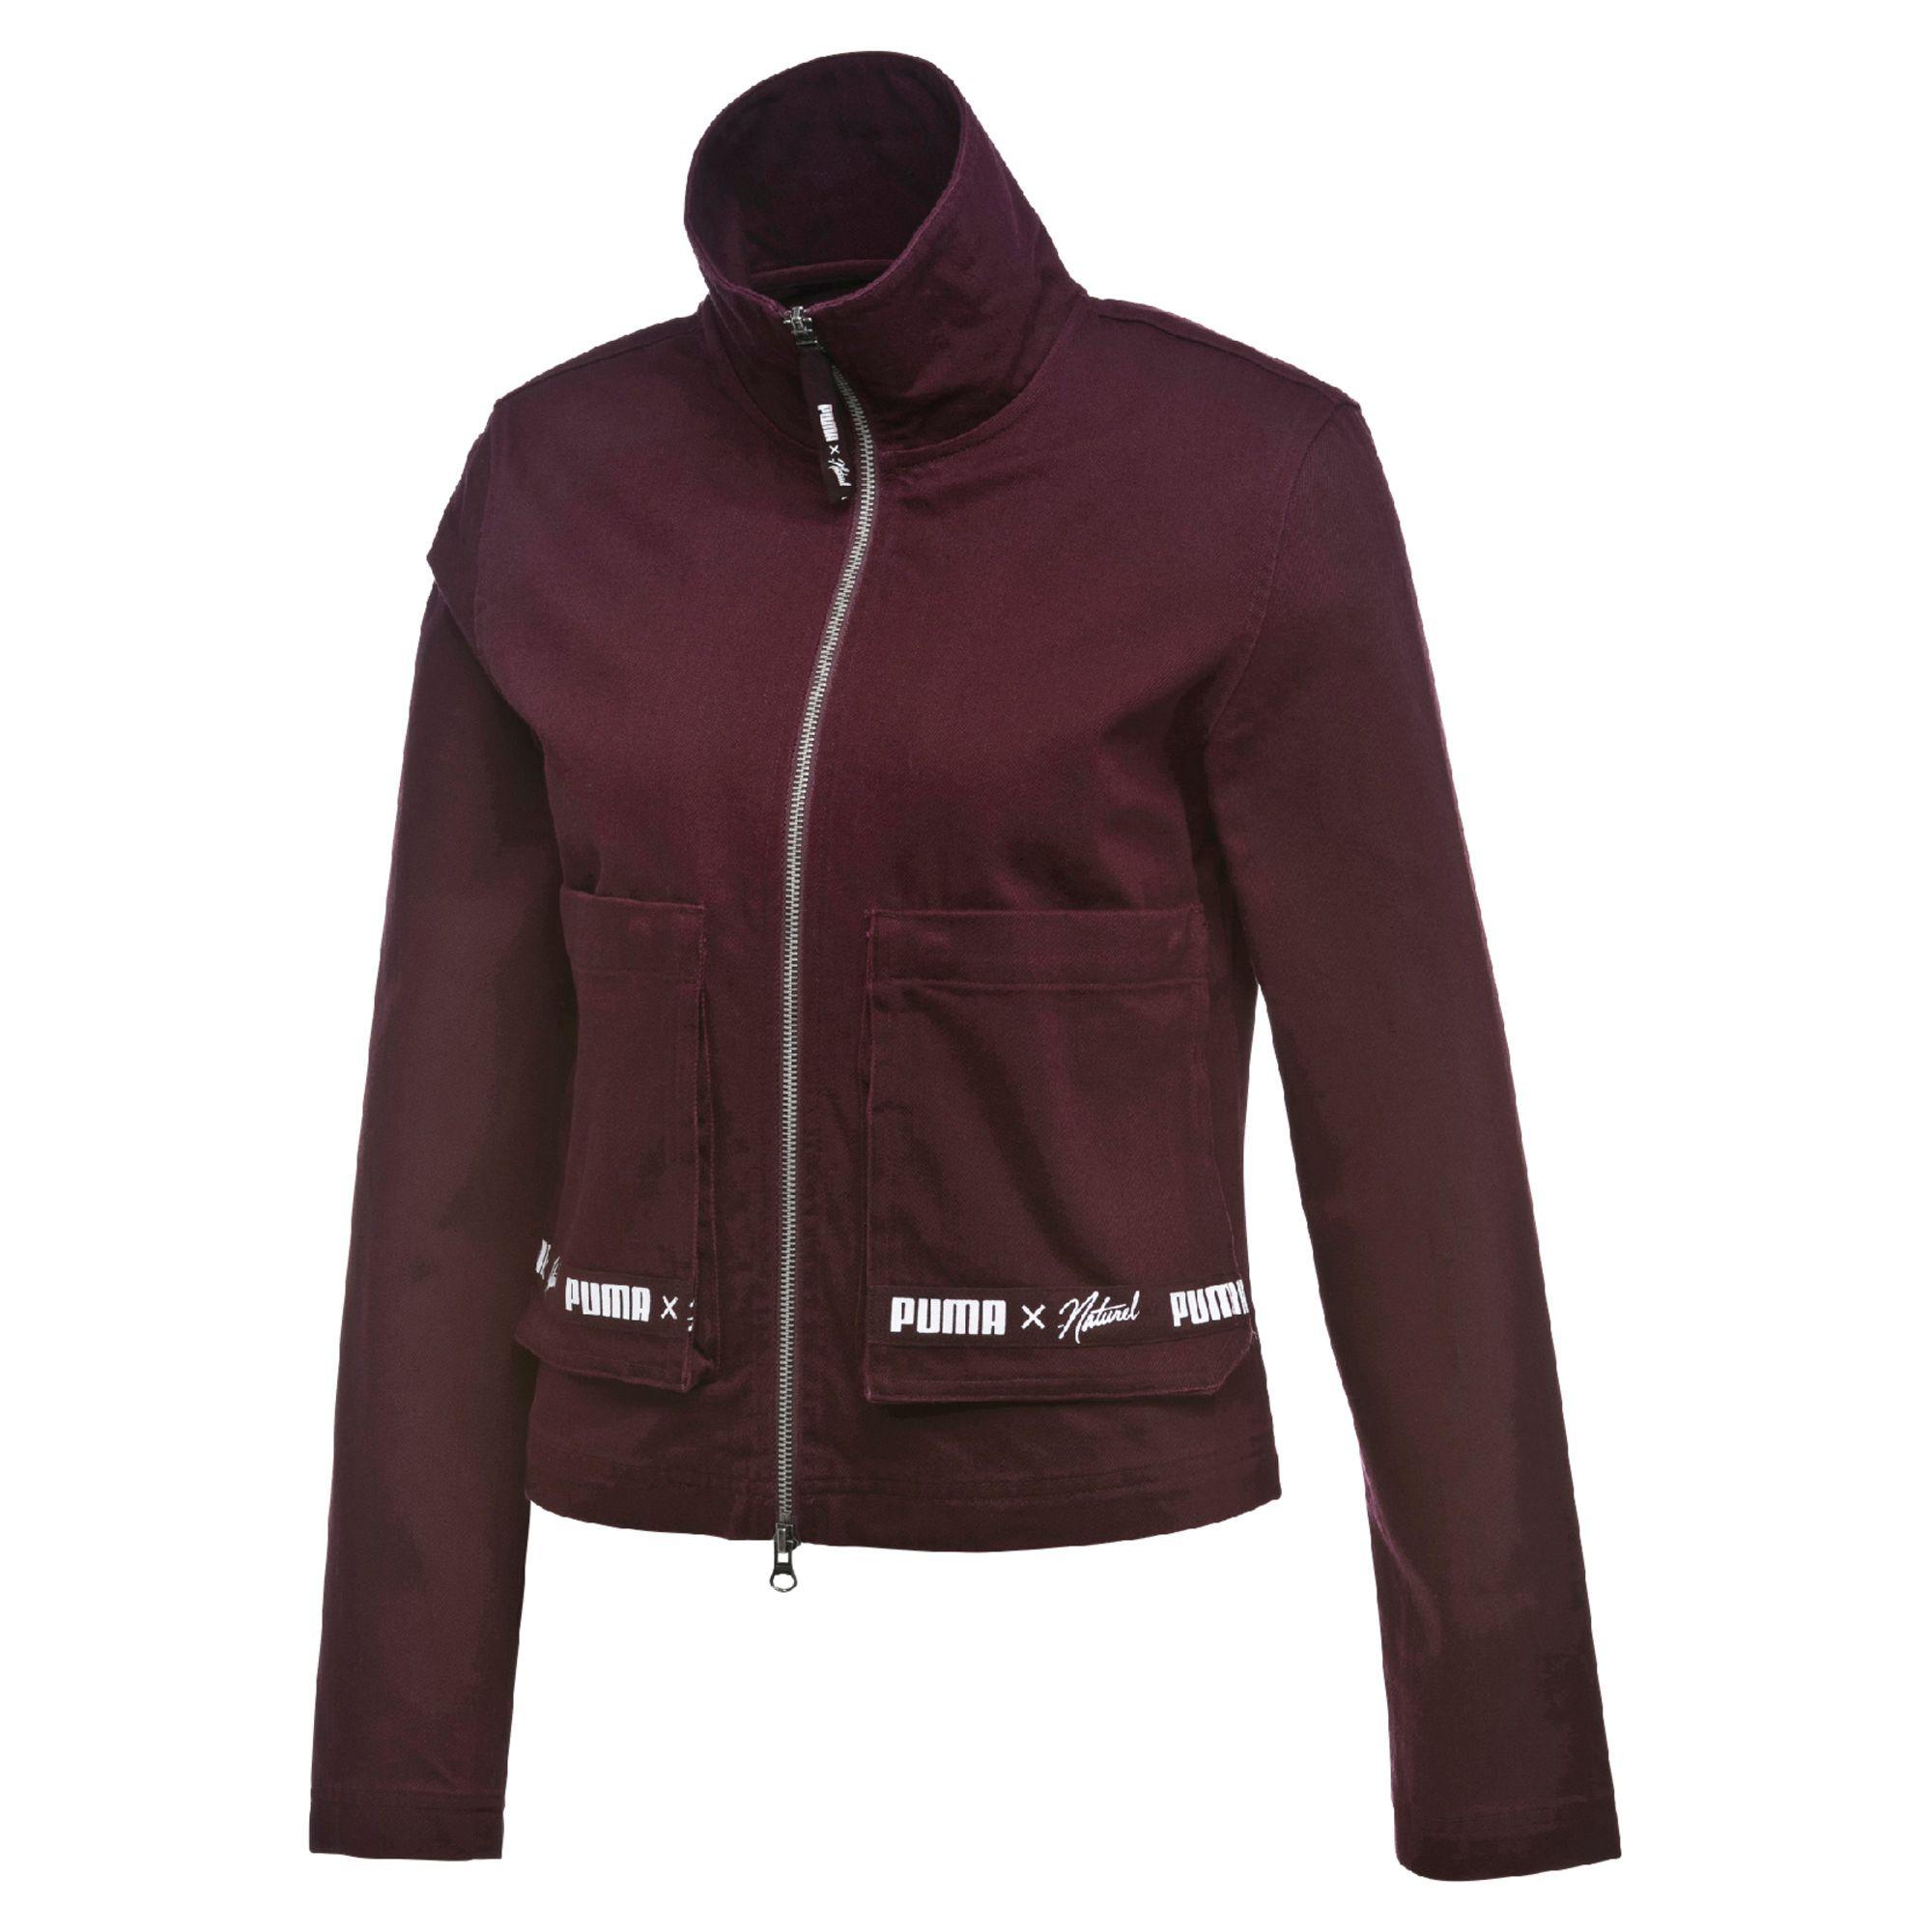 PUMA x NATUREL женские джинсы куртка